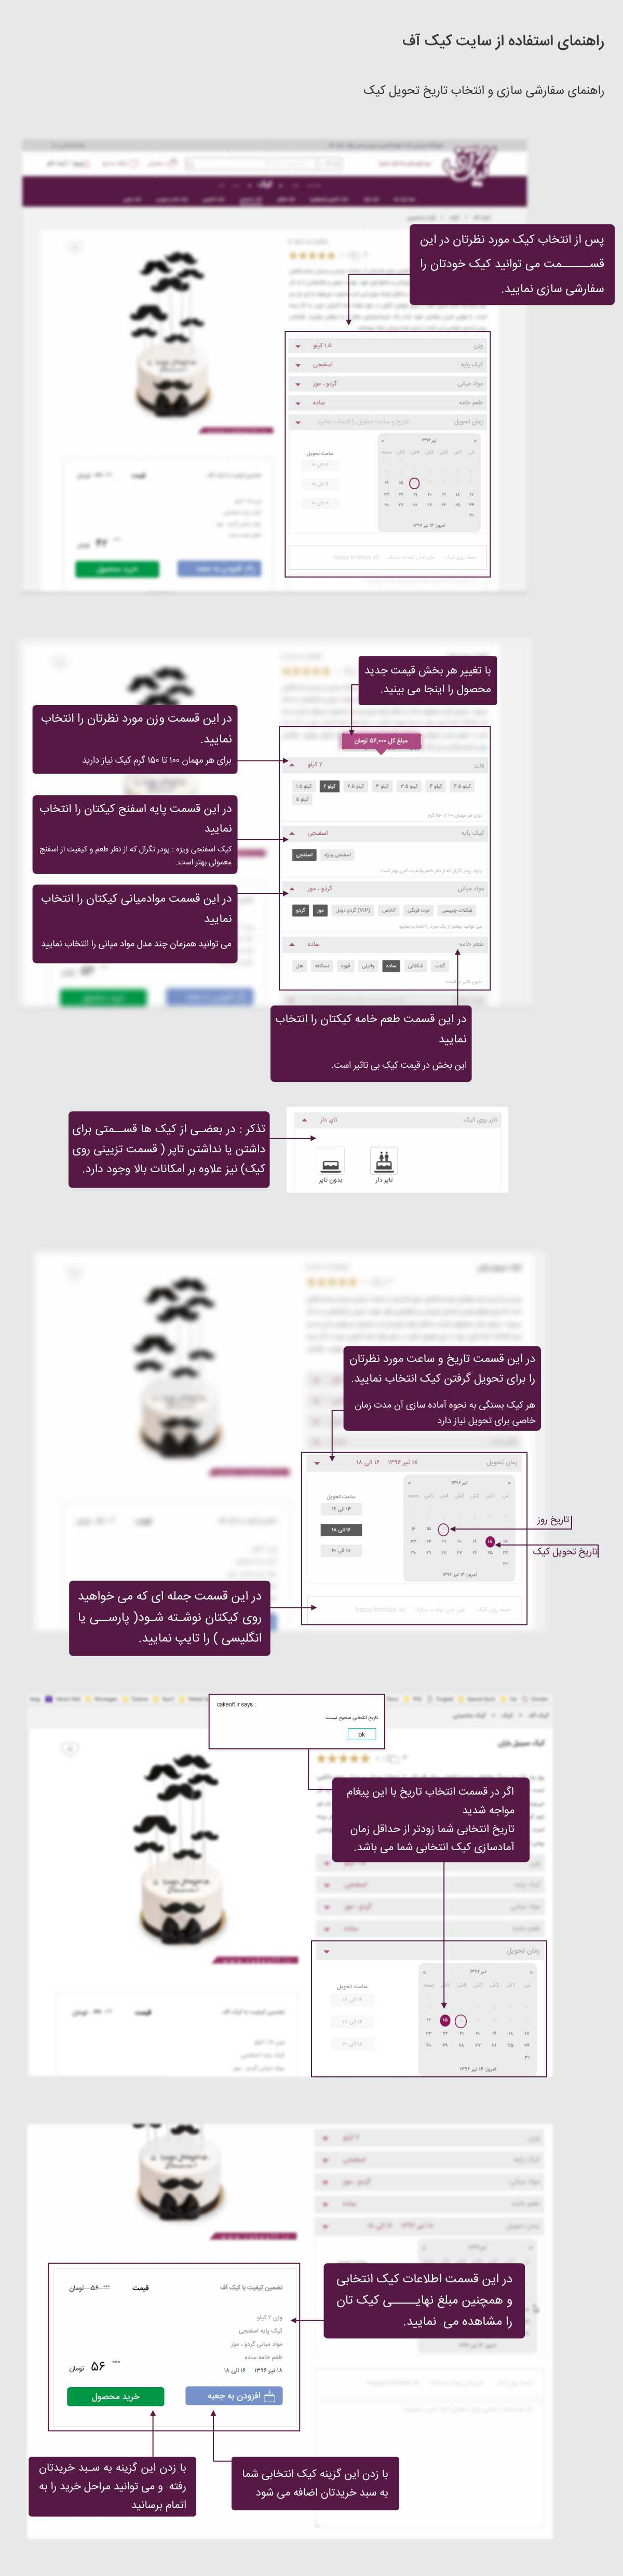 راهنمای استفاده از سایت کیک آف